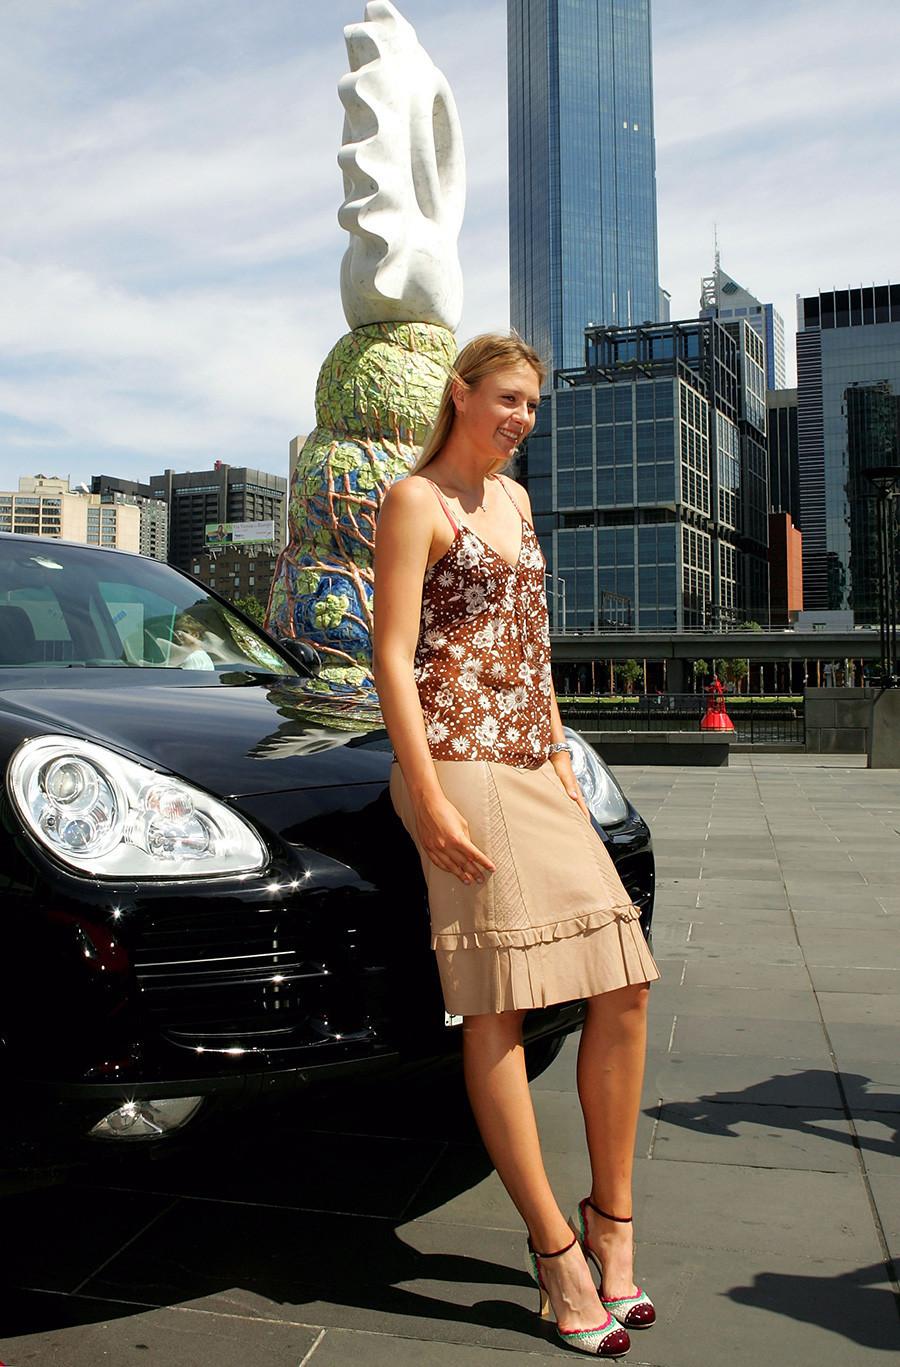 Шарапова позира по донацијата во добротворни цели во вредност на автомобил Porsche Cayenne што го доби за победата на ВТА првенството во 2004 година во Мелбурн, Австралија. 28 јануари 2005 година, дванаесет дена по турнирот Australian Open.